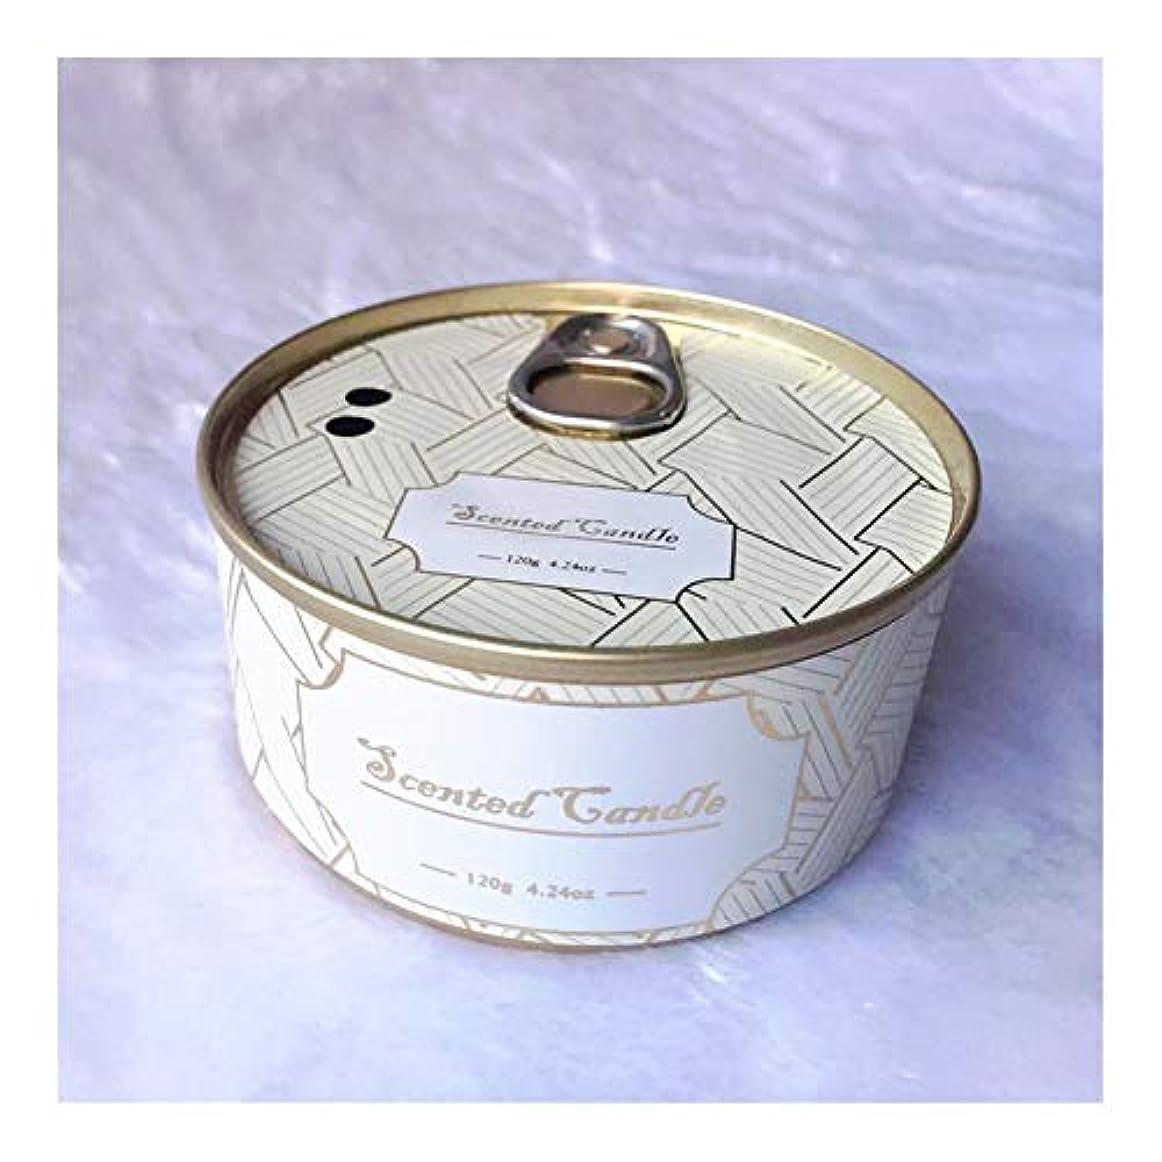 観光無限費やすGuomao ブリキ缶植物エッセンシャルオイル大豆ワックスジュニパーラベンダーの香りのキャンドル (色 : Lavender)